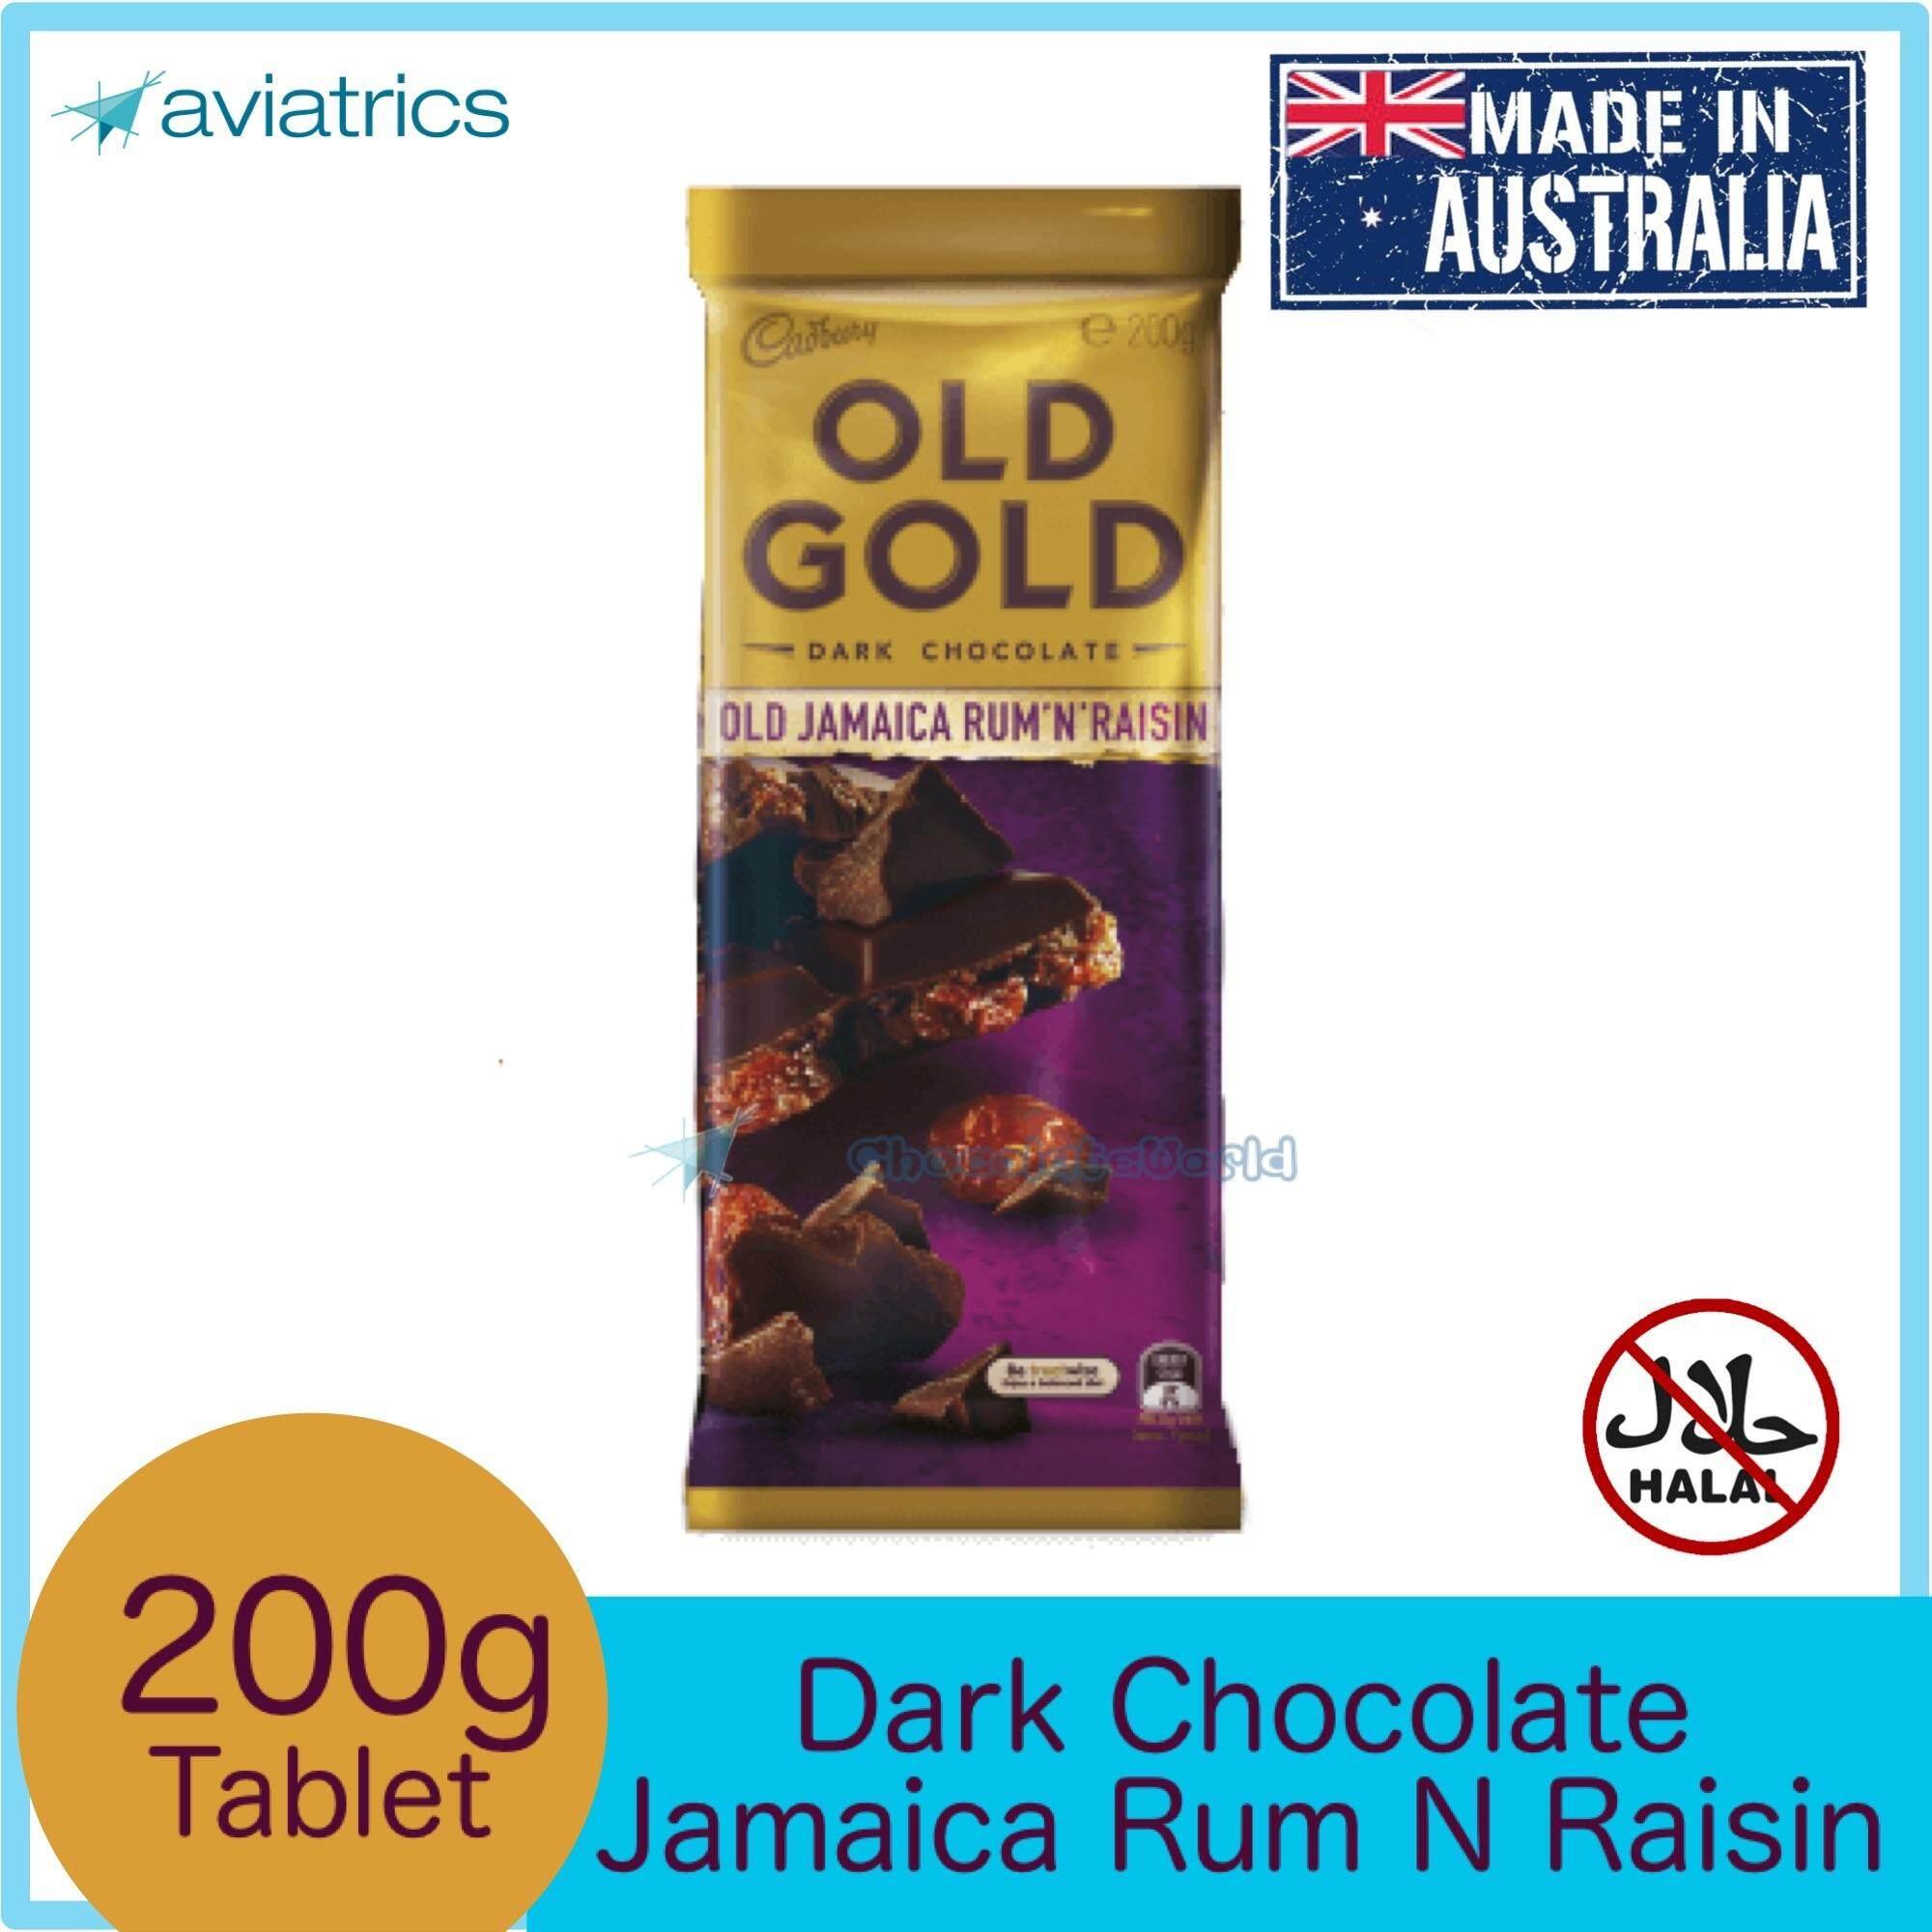 Cadbury Old Gold Jamaica Rum 'n' Raisin 180g (Made in Australia)